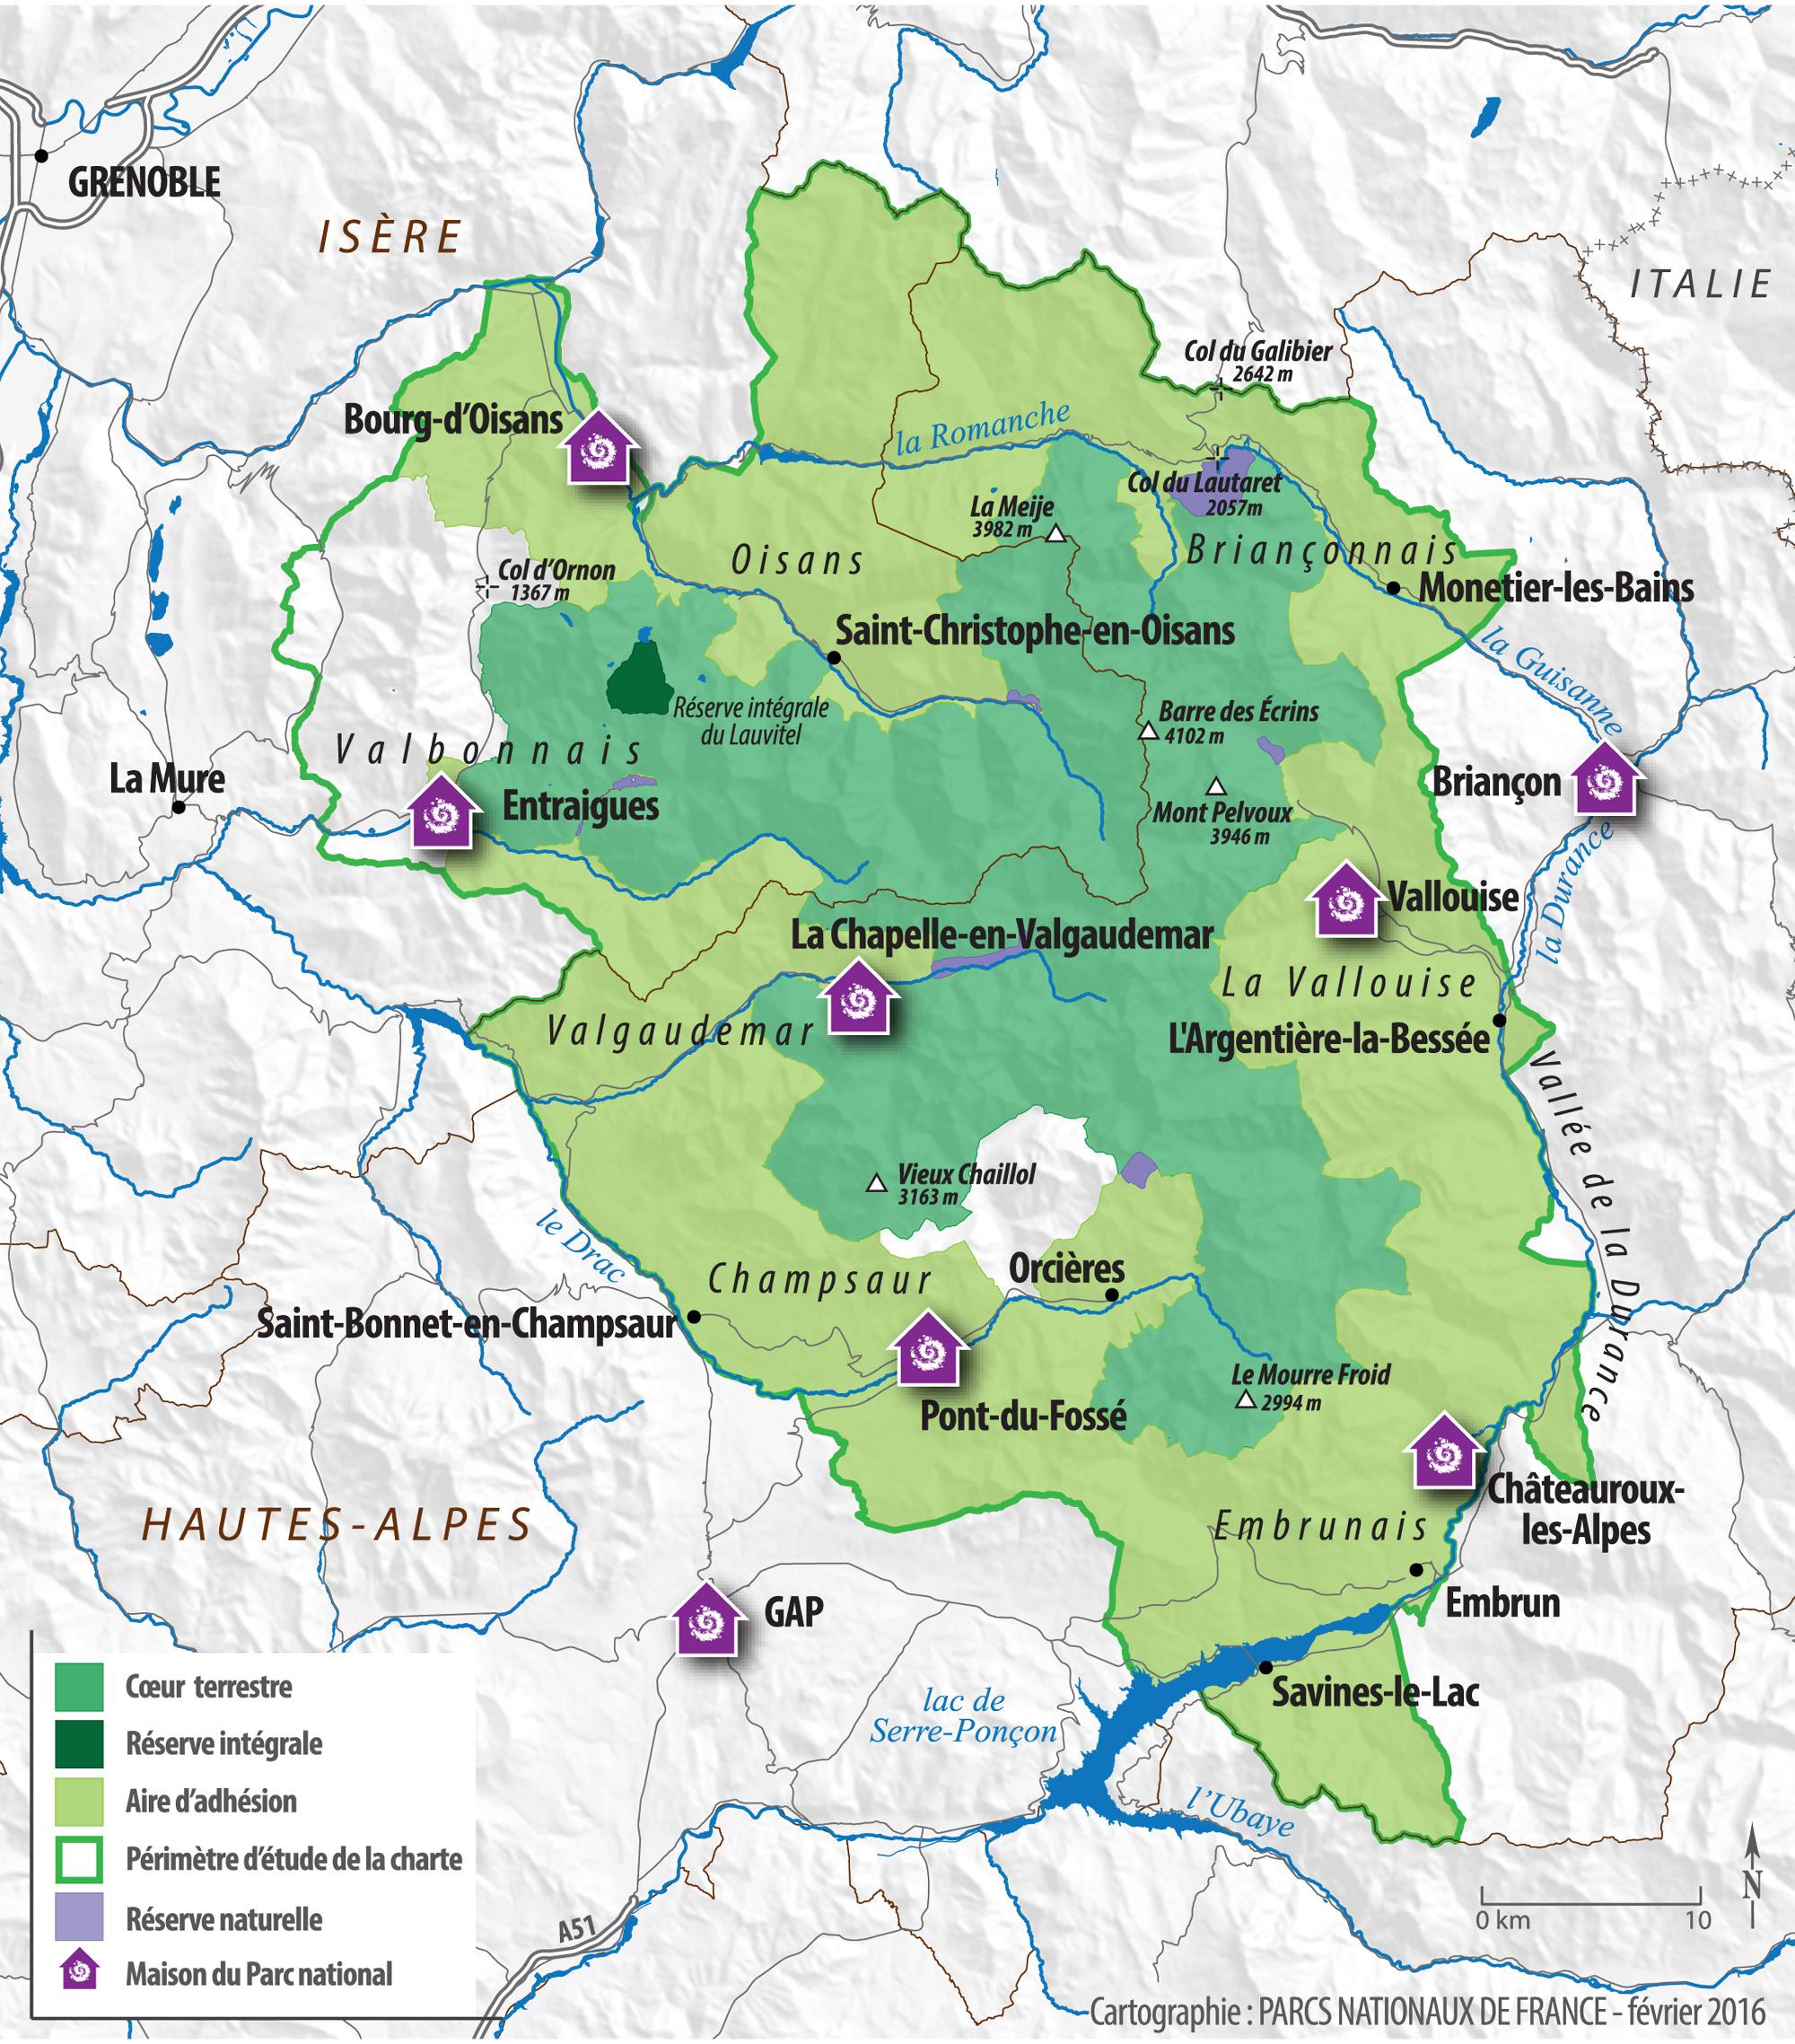 parc des ecrins carte Découvrir le Parc national des Ecrins | Parc national des Ecrins